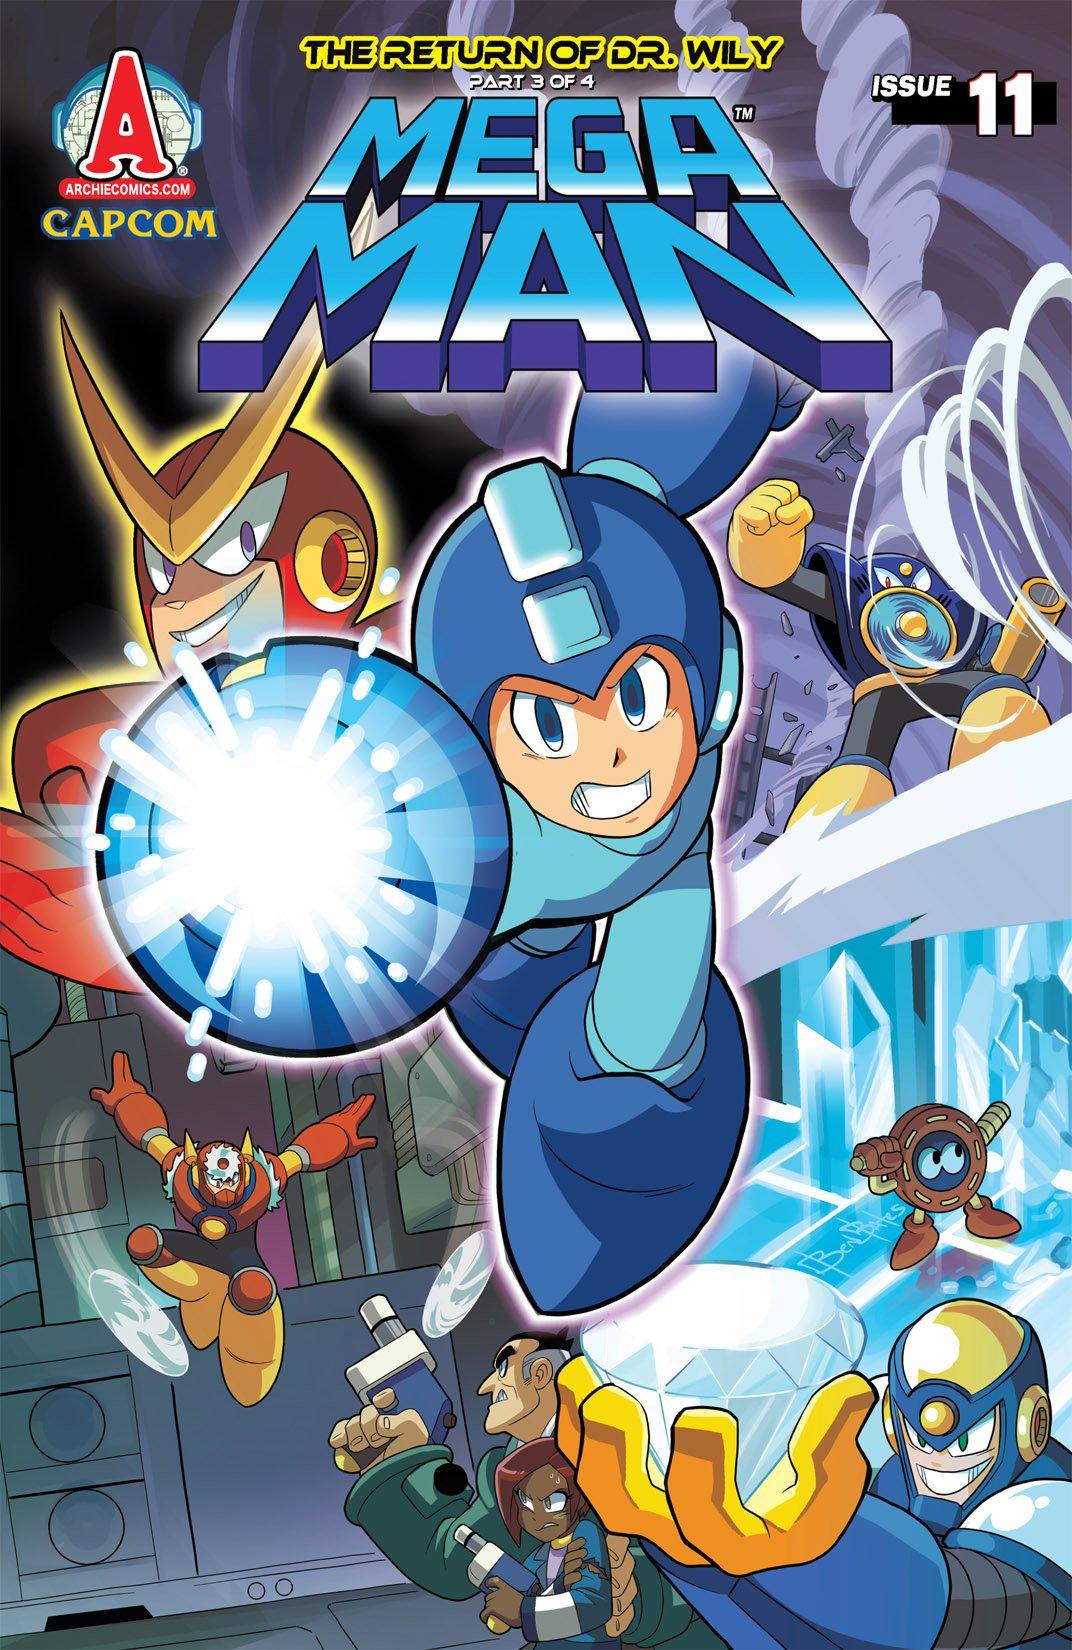 Mega Man 011 (May 2012)